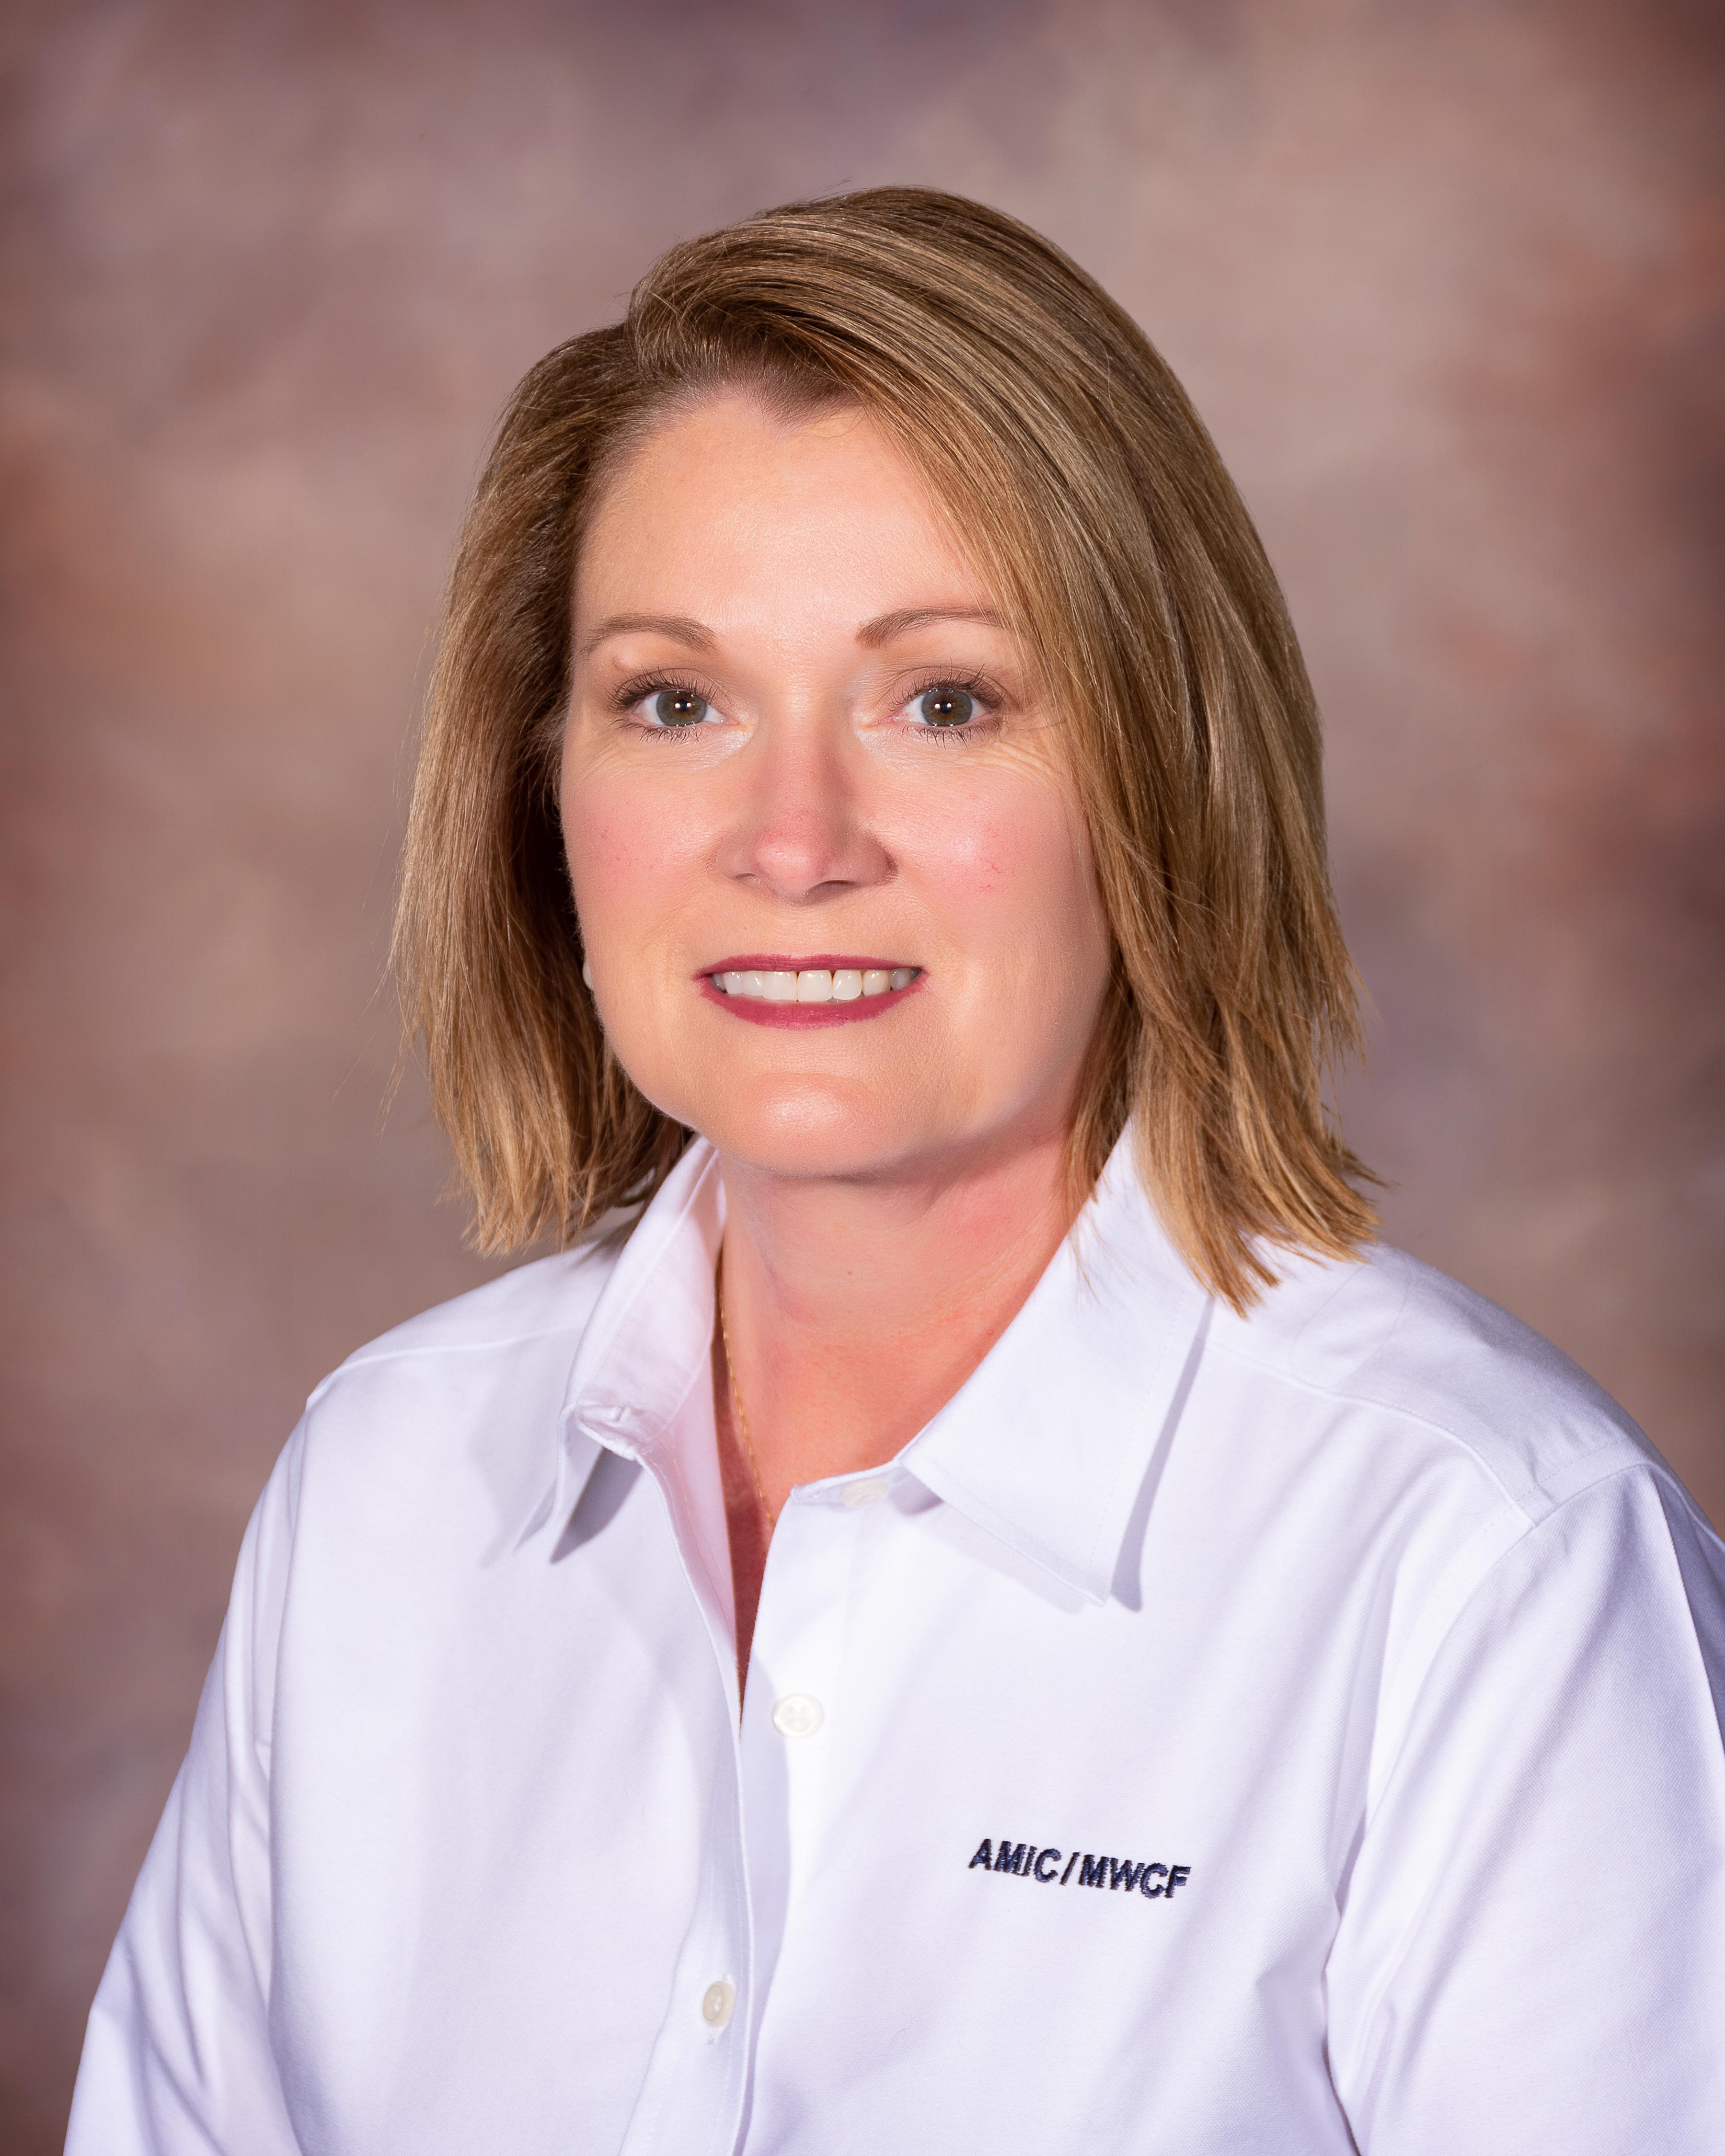 Stephanie Southerland